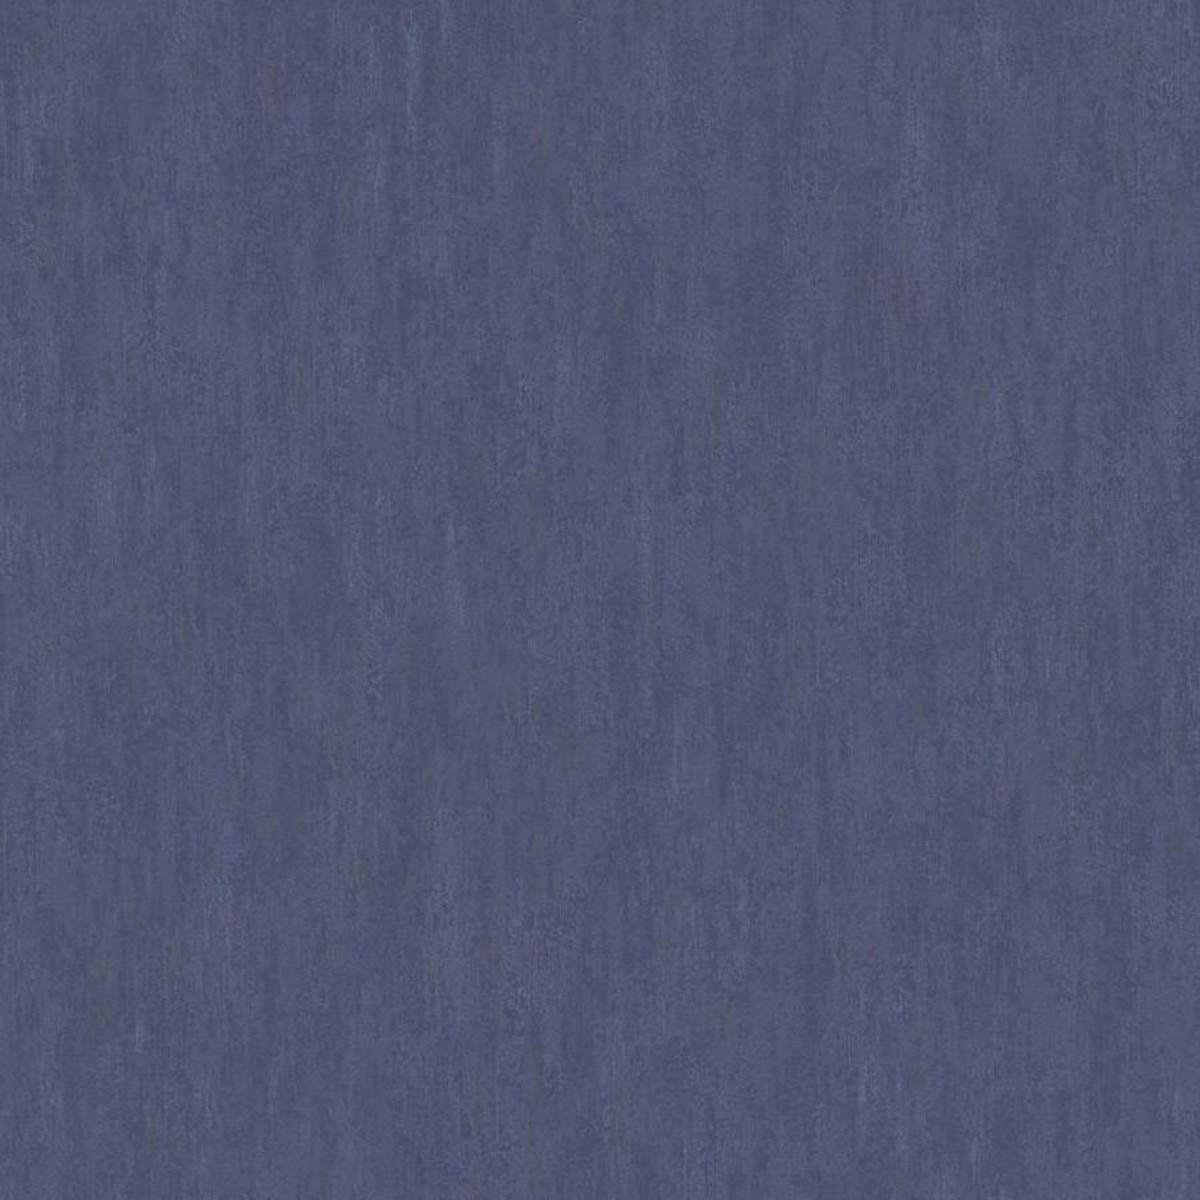 Обои флизелиновые Decoprint Emporia синие 0.53 м EM17007